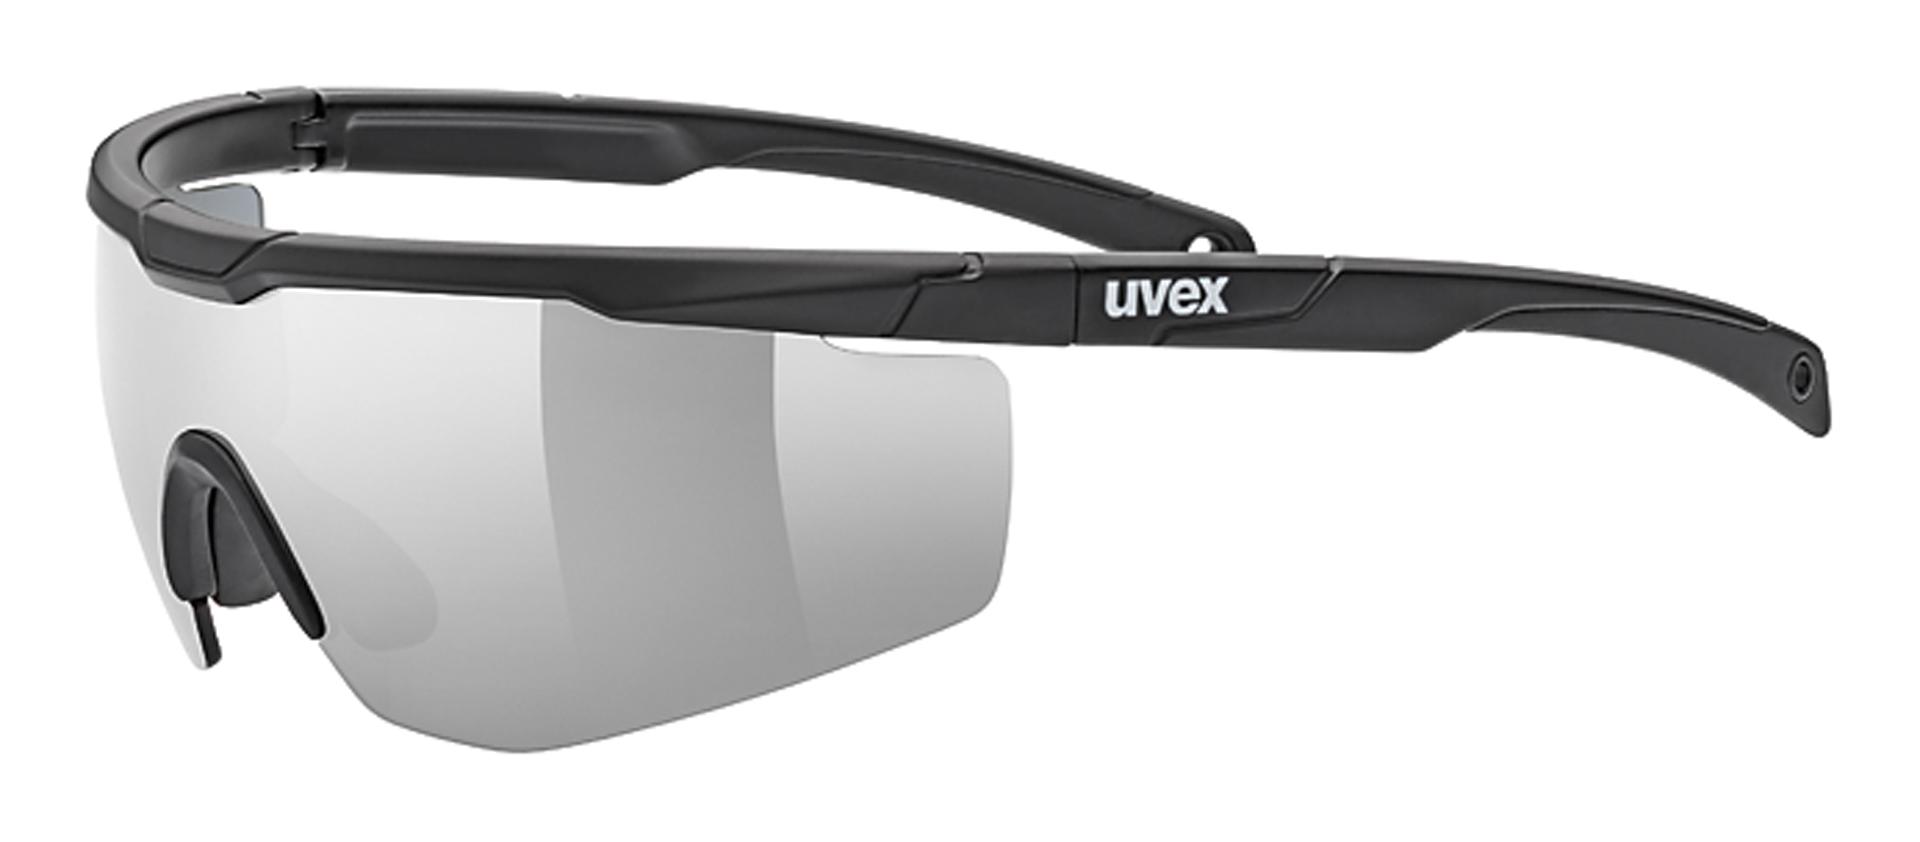 Uvex Sportstyle 117 Sportbril - Mat Zwart - Litemirror Zilver